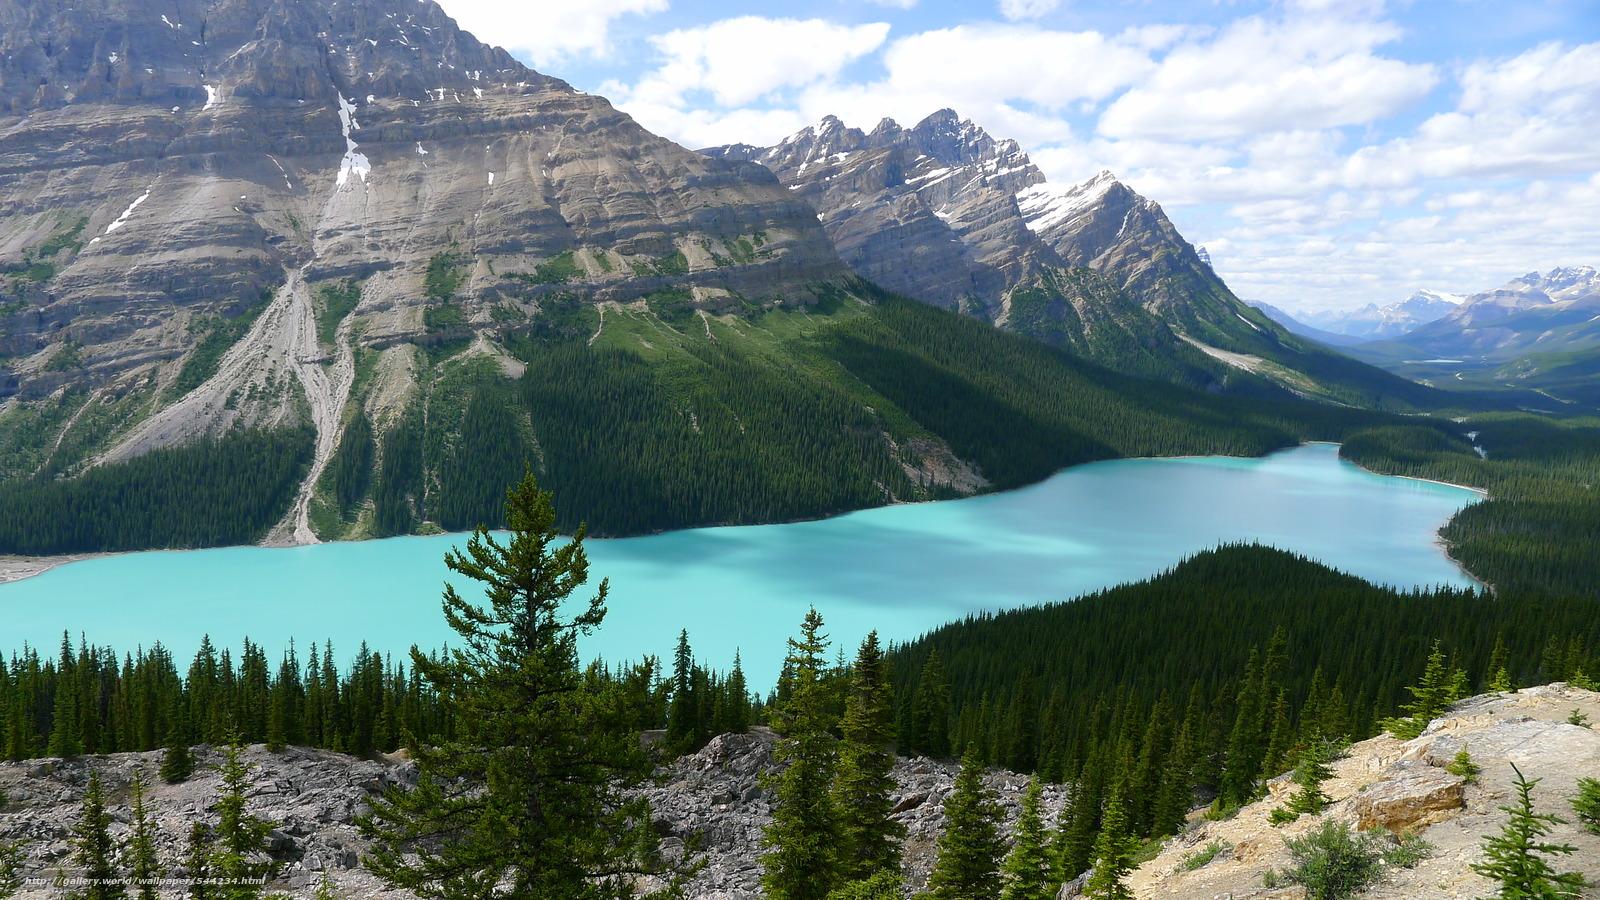 Download wallpaper Peyto Lake Alberta Canada desktop wallpaper 1600x900